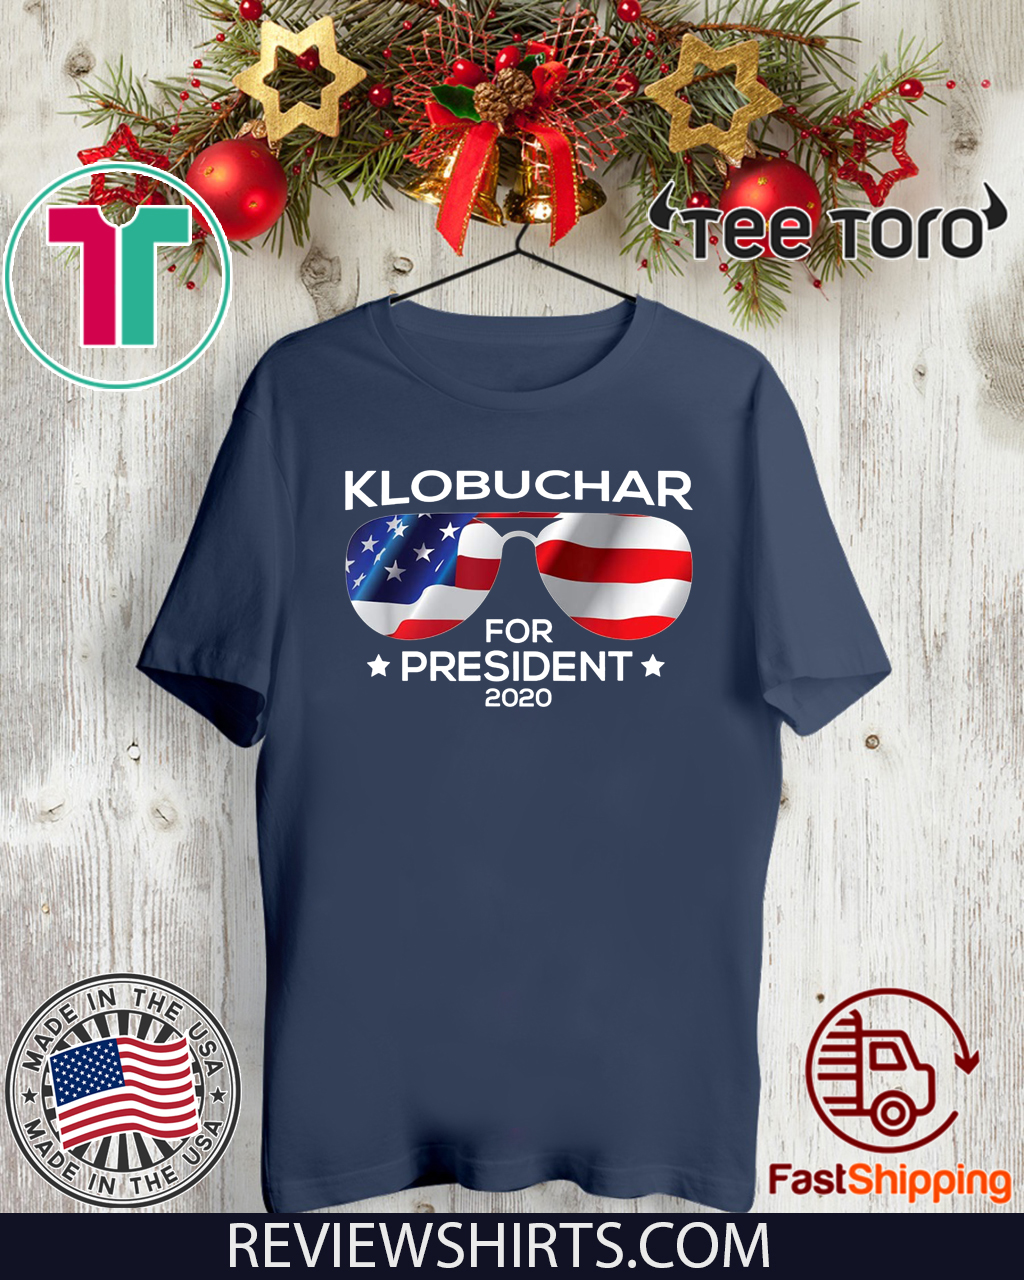 Klobuchar For President Shirt - Amy Klobuchar 2020 T-Shirt